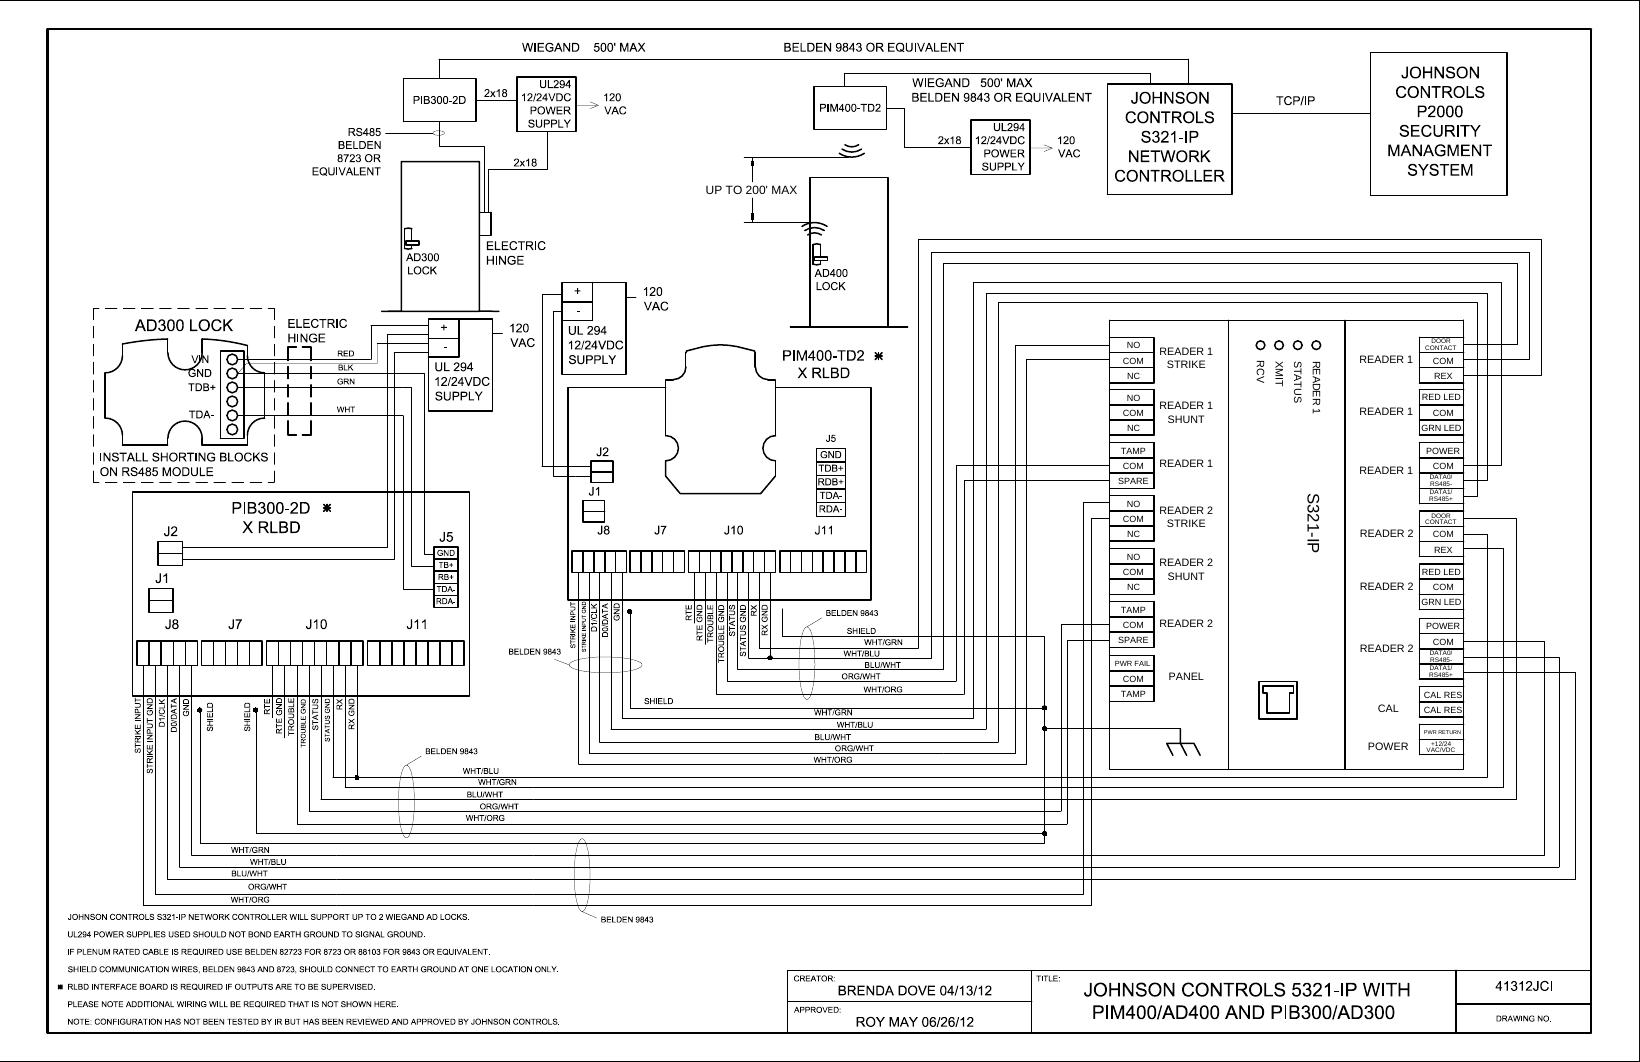 rs485 wiring schlage ad300